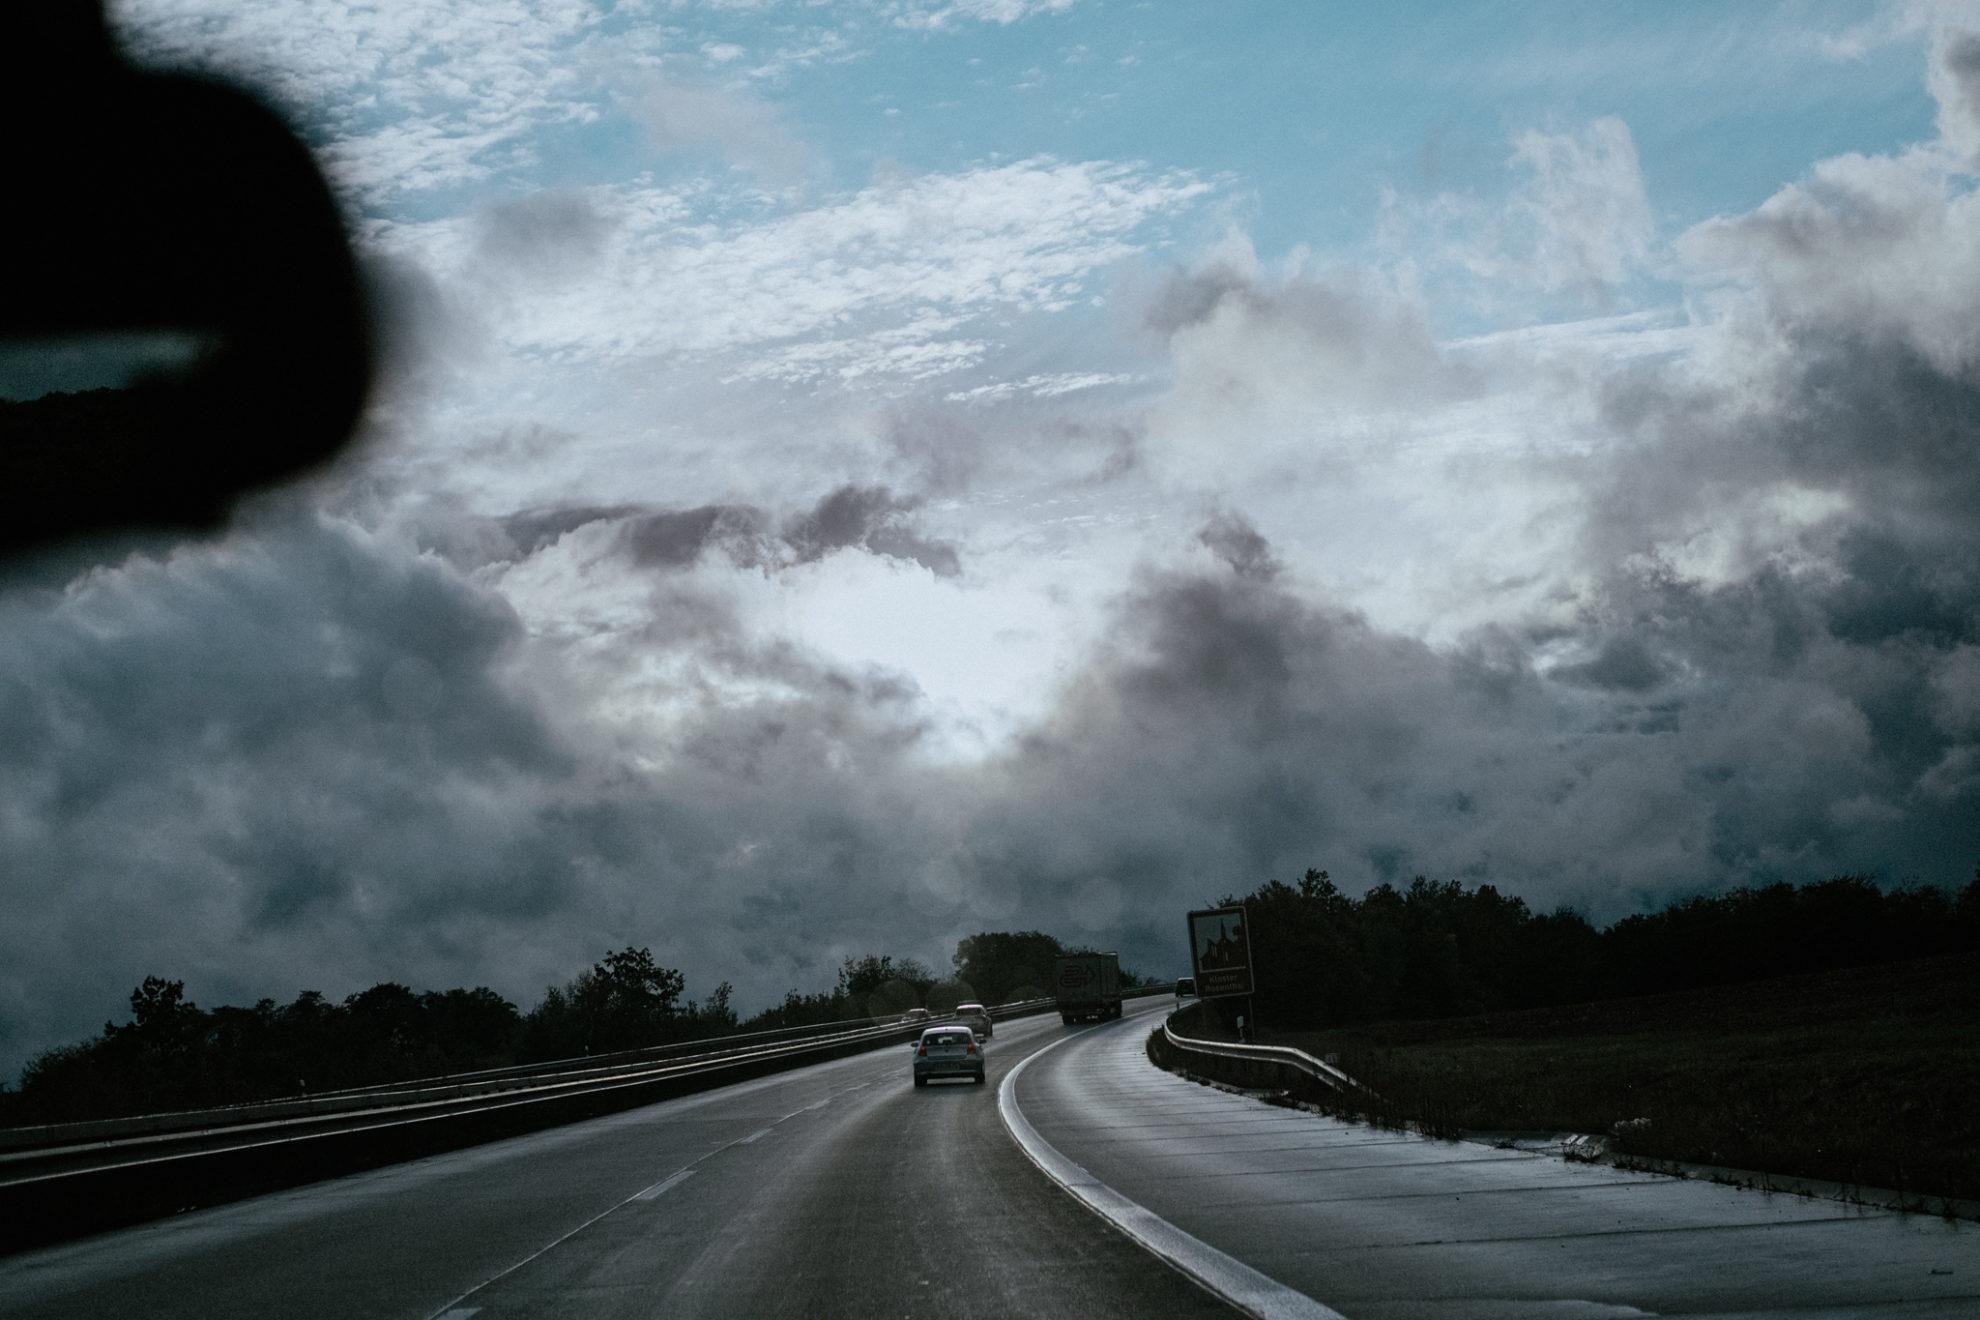 Blick aus der Frontscheibe eines Autos auf die Autobahn den Berg hinauf. Über der Autobahn bricht die Sonne durch die Wolken.